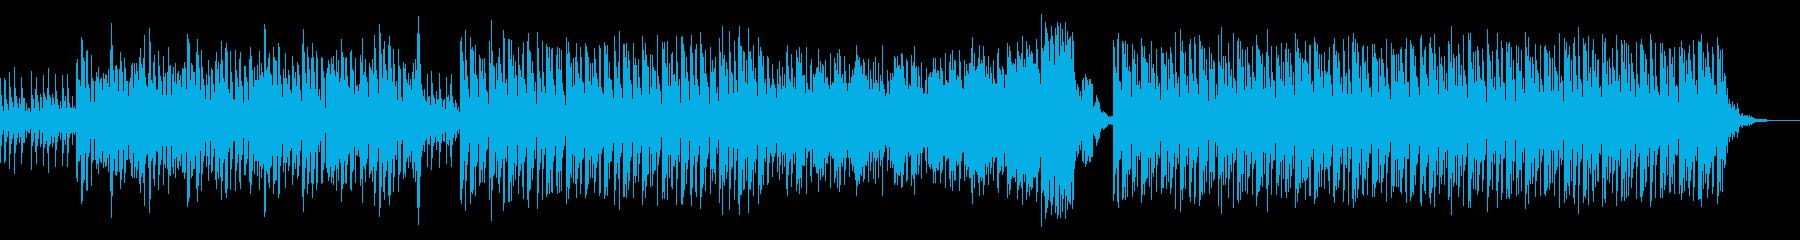 謎解きのピースがハマっていくような曲の再生済みの波形